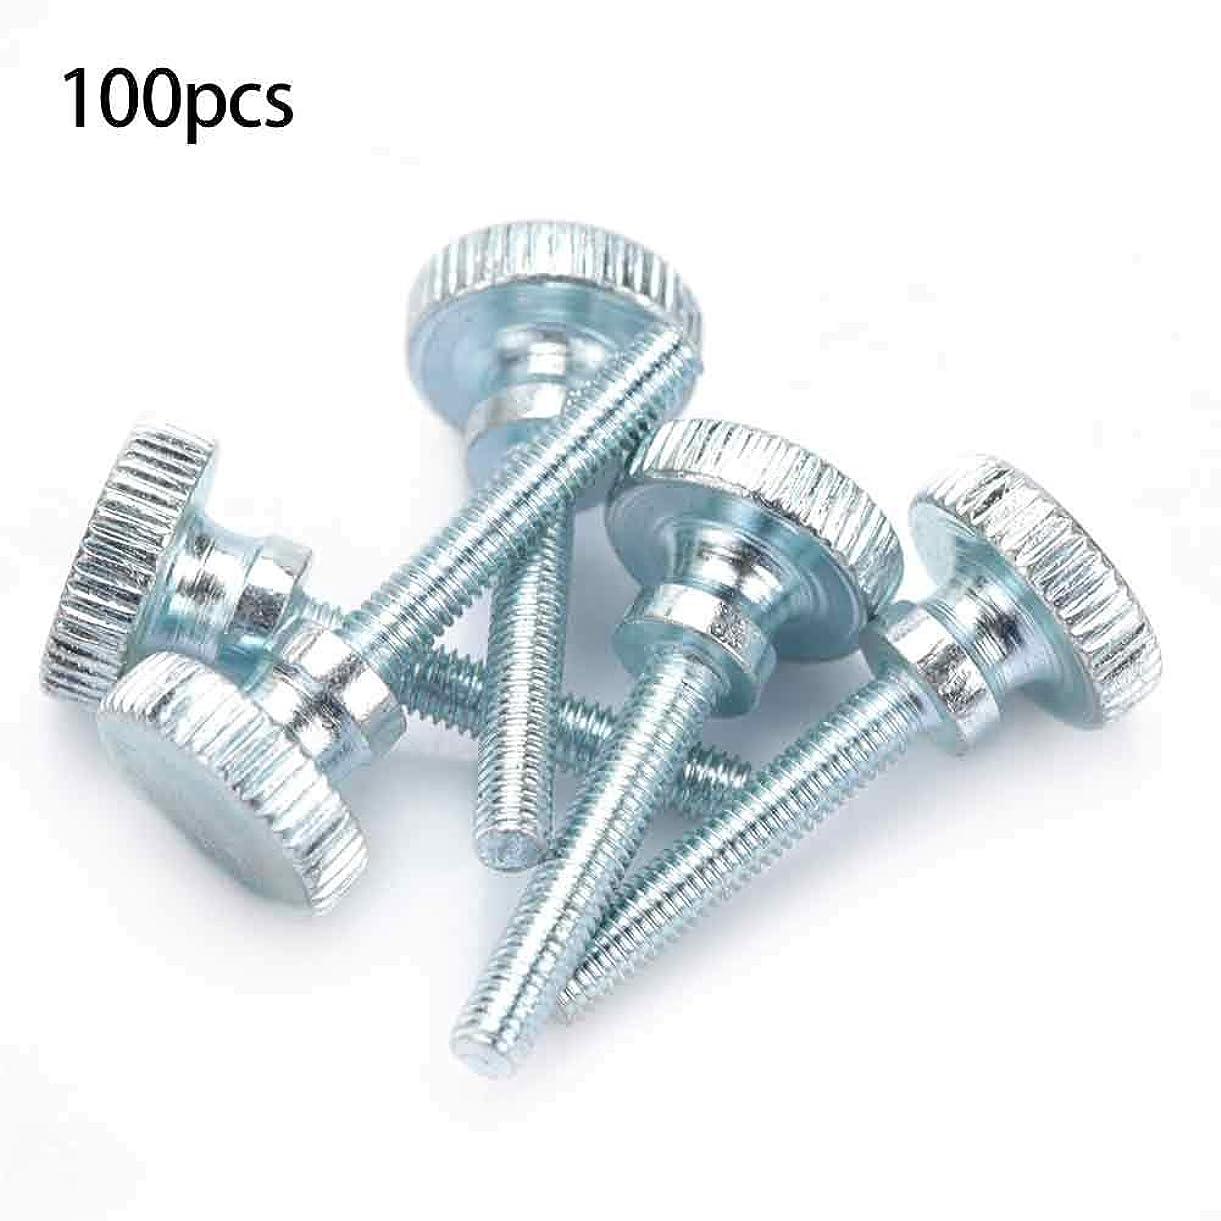 上陸抹消かき混ぜる100個ローレット頭ネジ、亜鉛メッキ炭素鋼調節可能な二重層ハンドルステップと蝶ネジ(M3×20(100個))